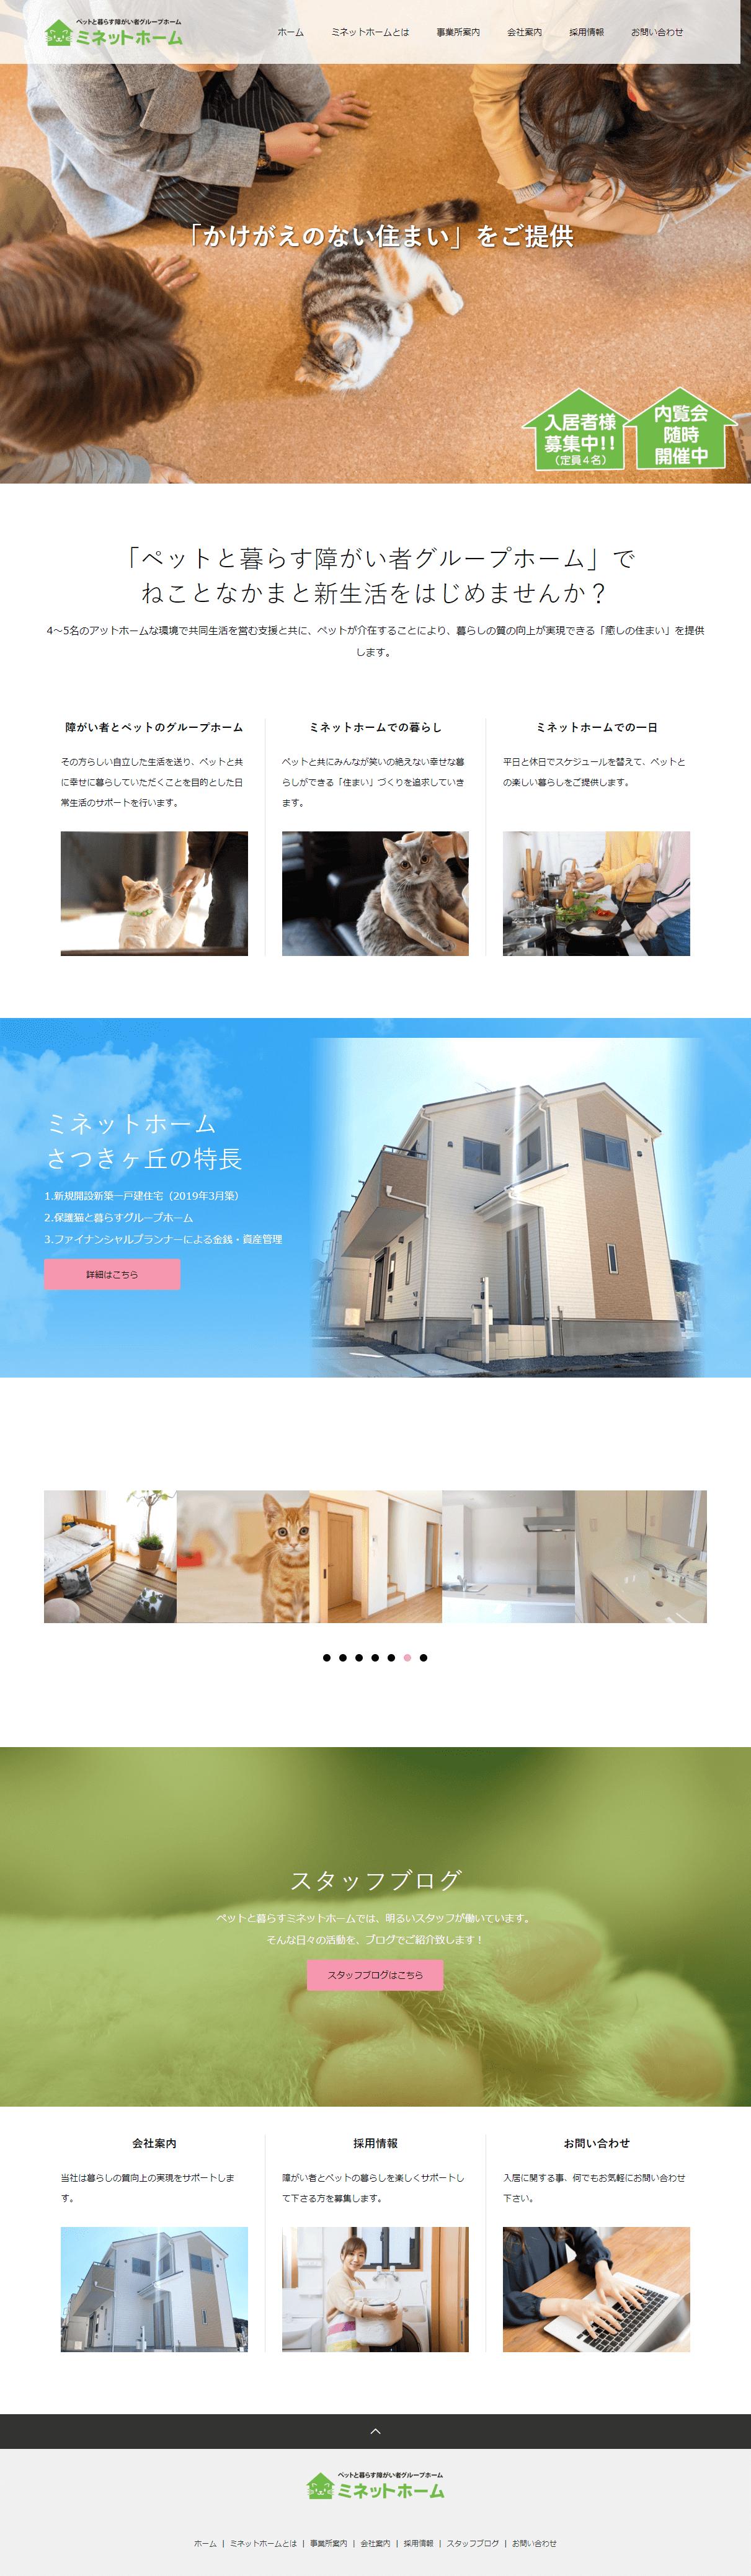 姫路市 ミネットホーム ホームページ制作1